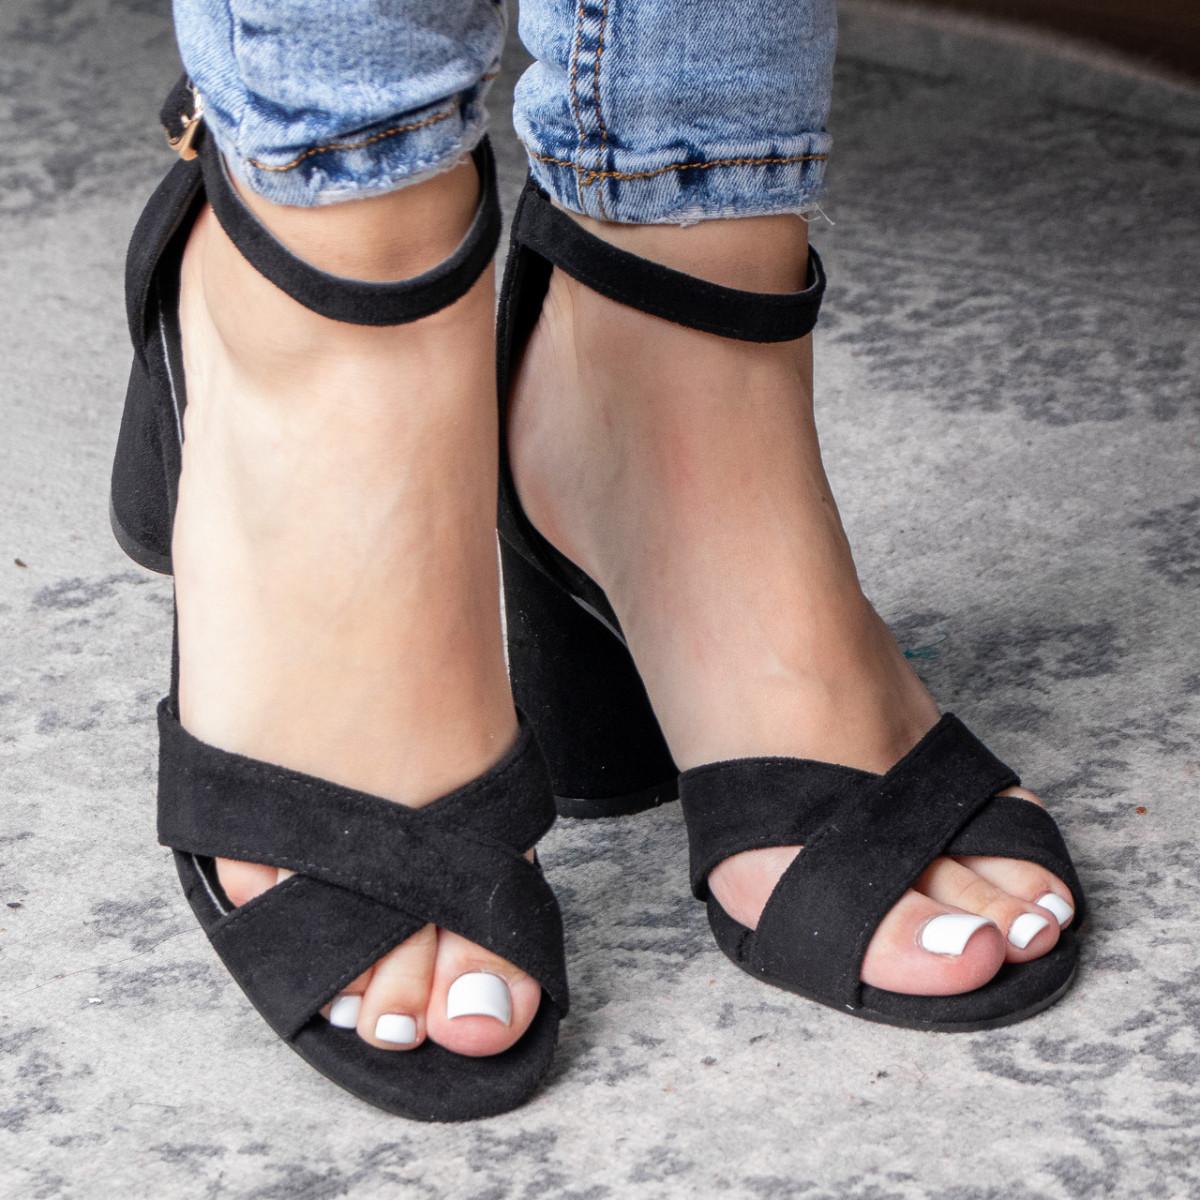 Жіночі босоніжки Fashion Catchy 3104 36 розмір, 23,5 см Чорний